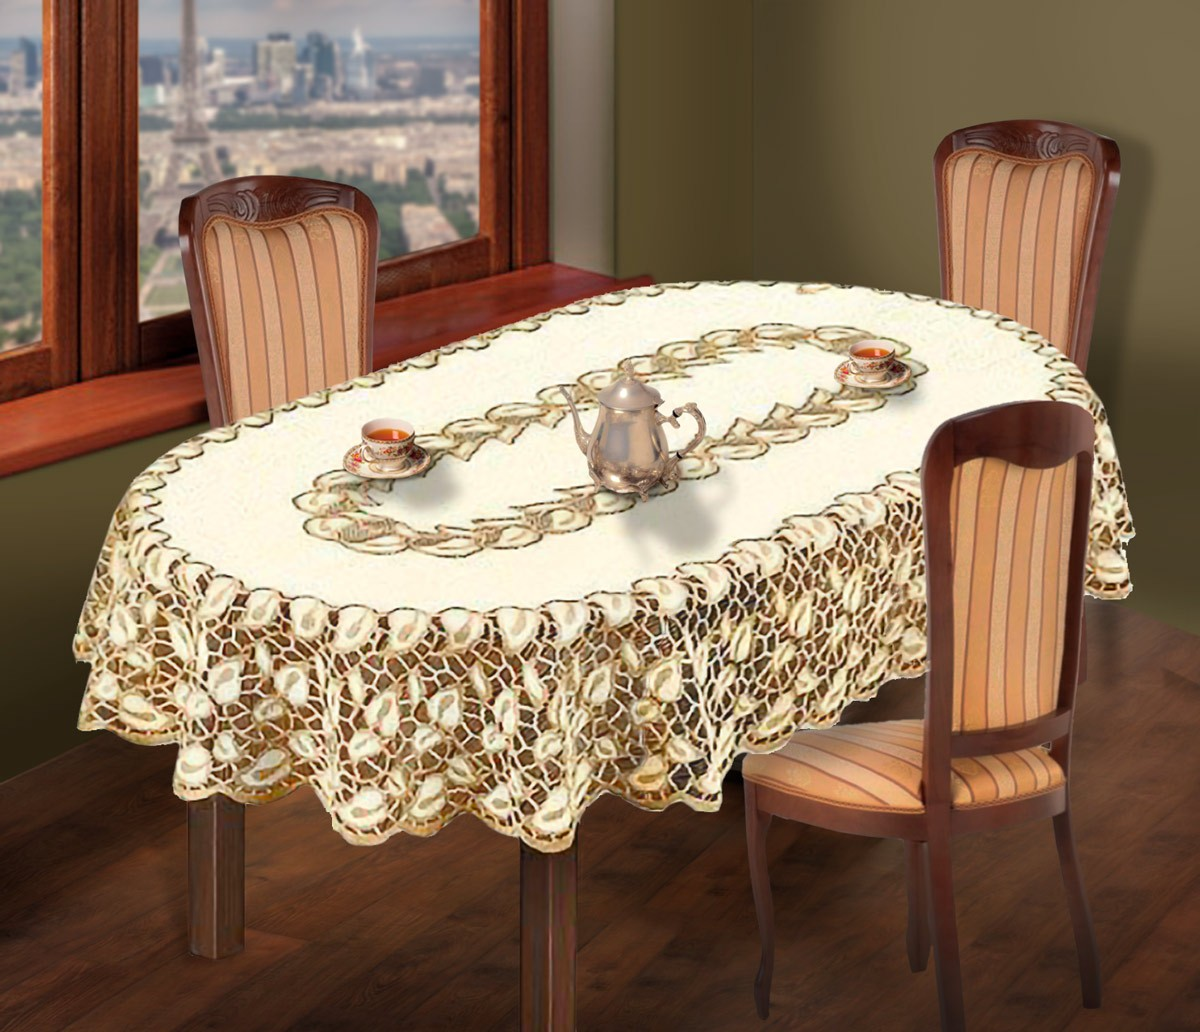 Скатерть  231051/100, овальная, размер 100 см х 150 см,  цвет: кремово-золотистый